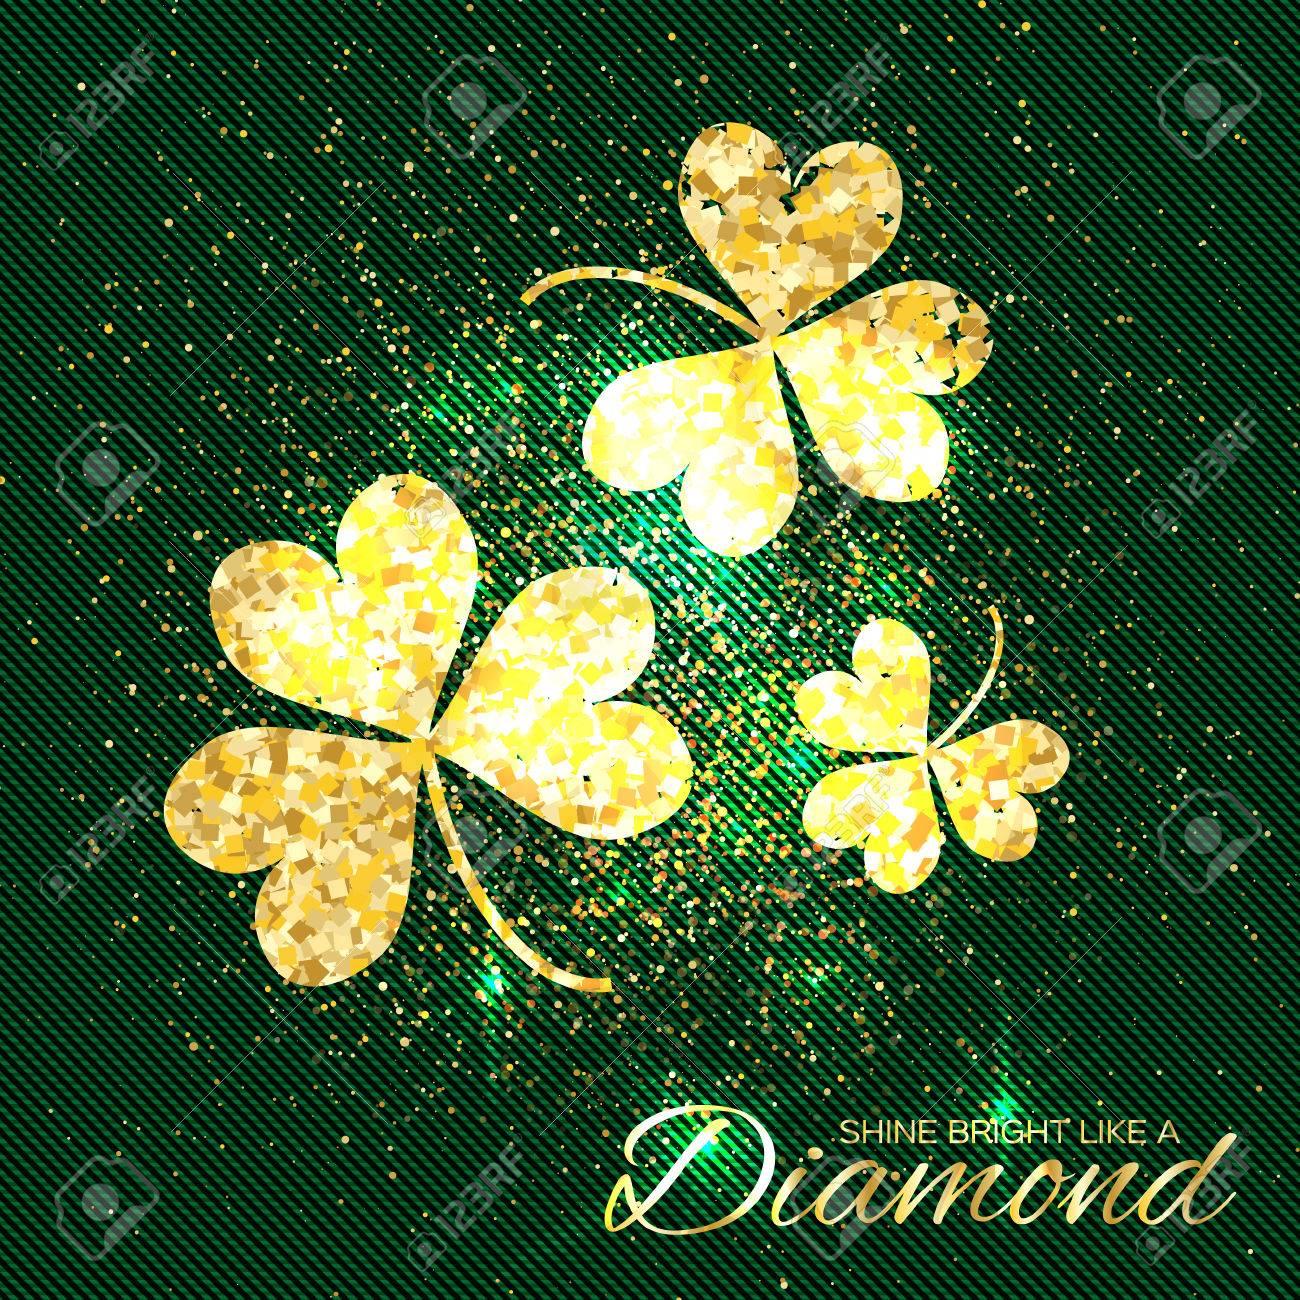 fc343a316868 El Oro Brilla El Trébol En El Fondo Verde. Tres Brillante Flor Glamour  Purpurina. Tarjeta De Felicitación Con Textura De Oro Trébol De Tres Hojas.